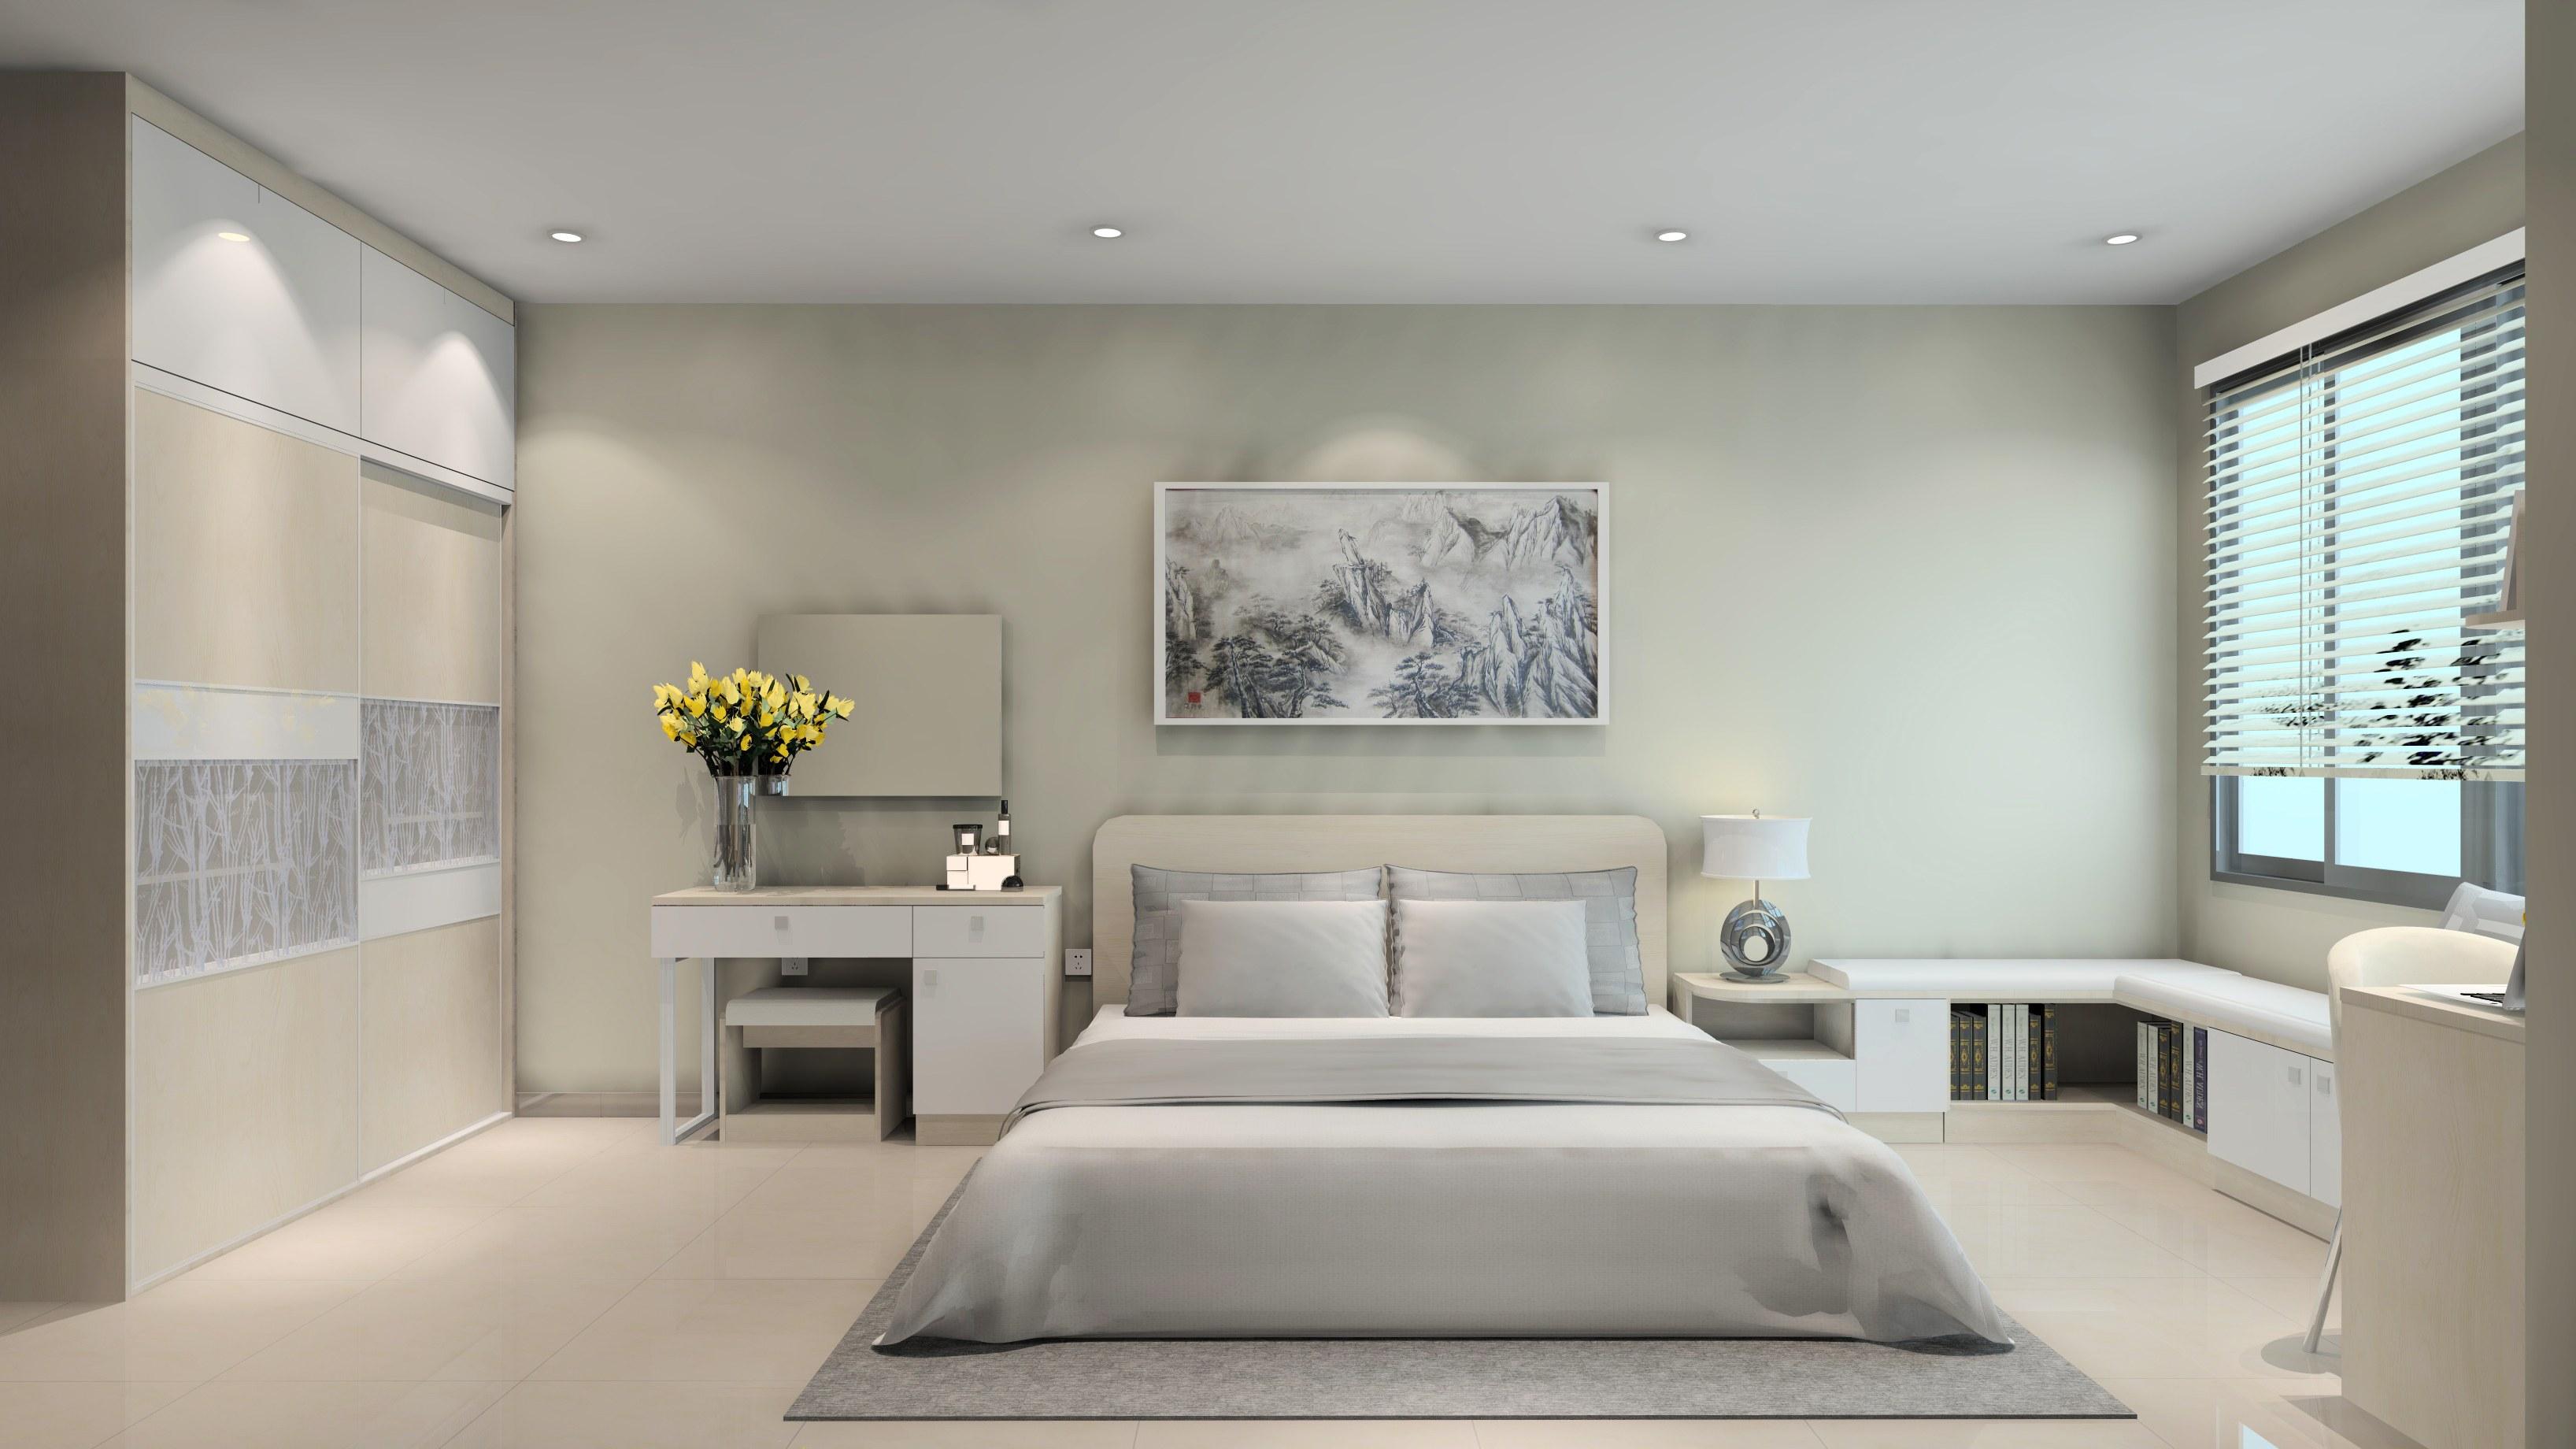 Để sở hữu không gian phòng ngủ đơn giản thì gia chủ nhất định phải biết cách chọn lựa nội thất tối giản nhất